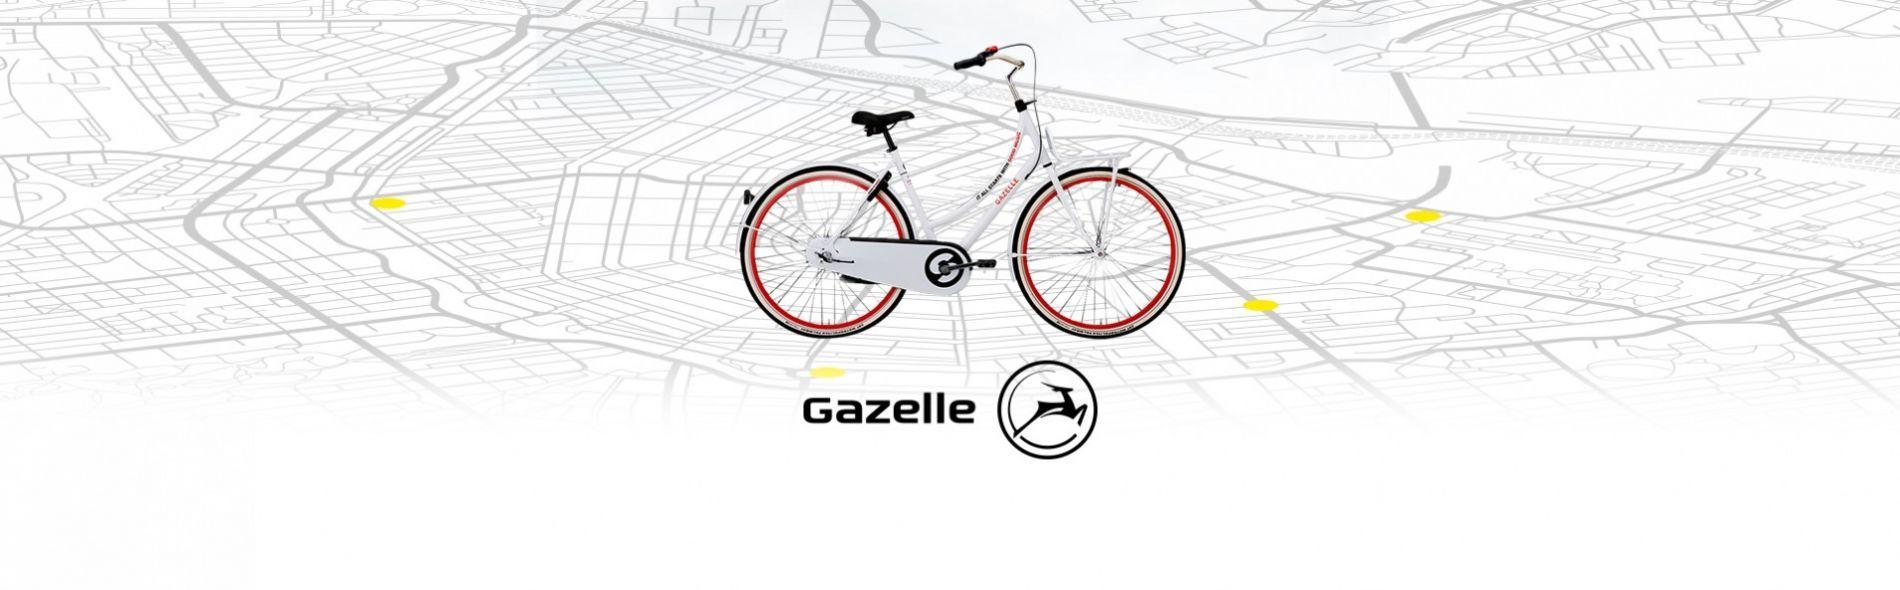 Gazelle at ADE 2017